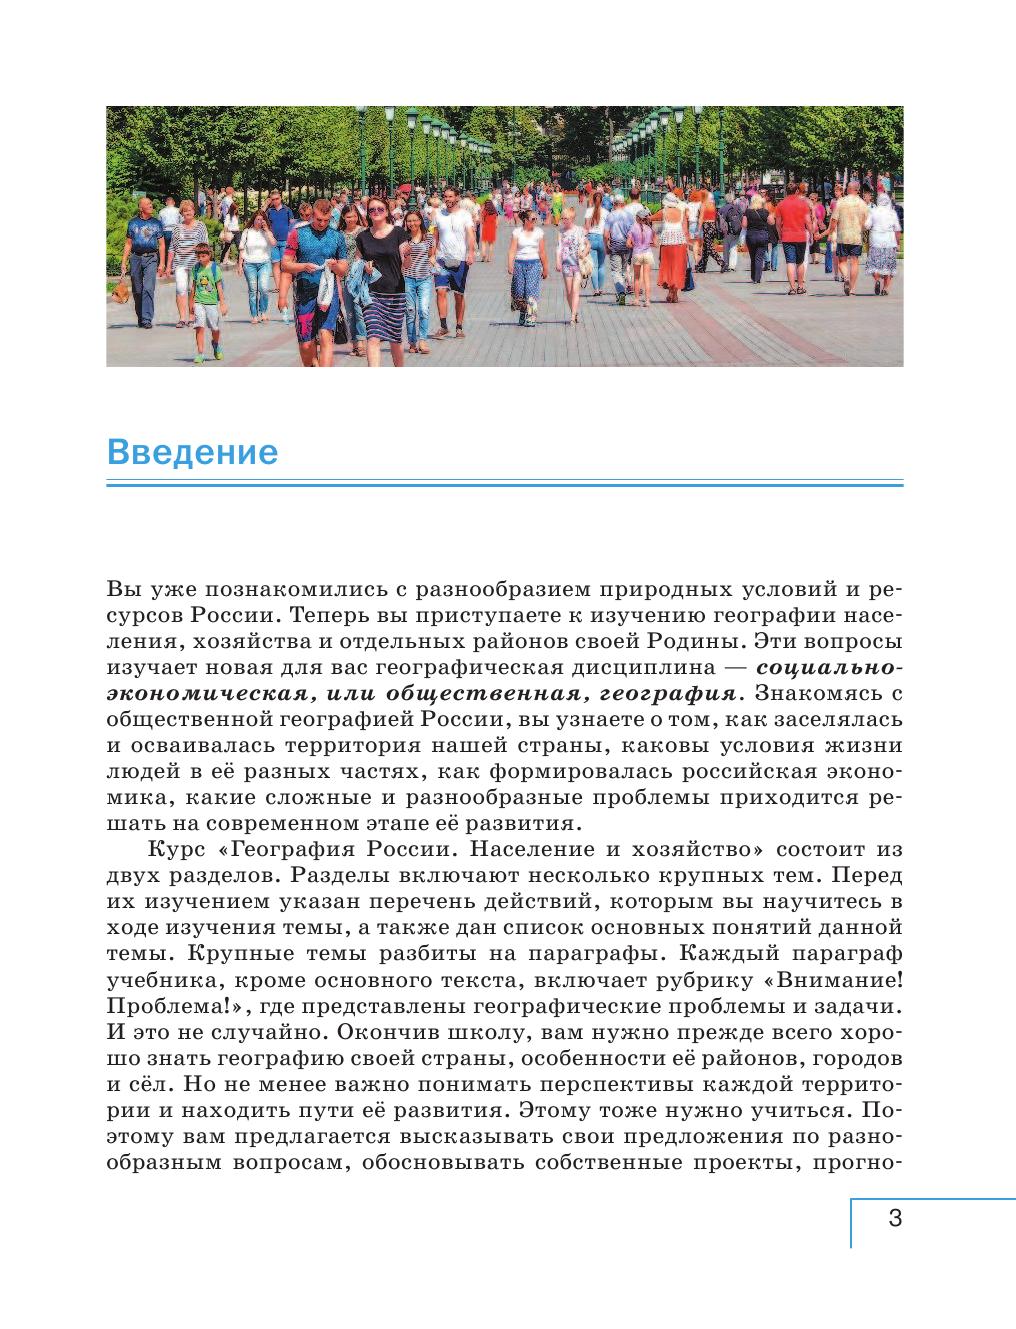 Pdf учебник по географии россии 9 класс дронов 2017 года на электронную книгу t